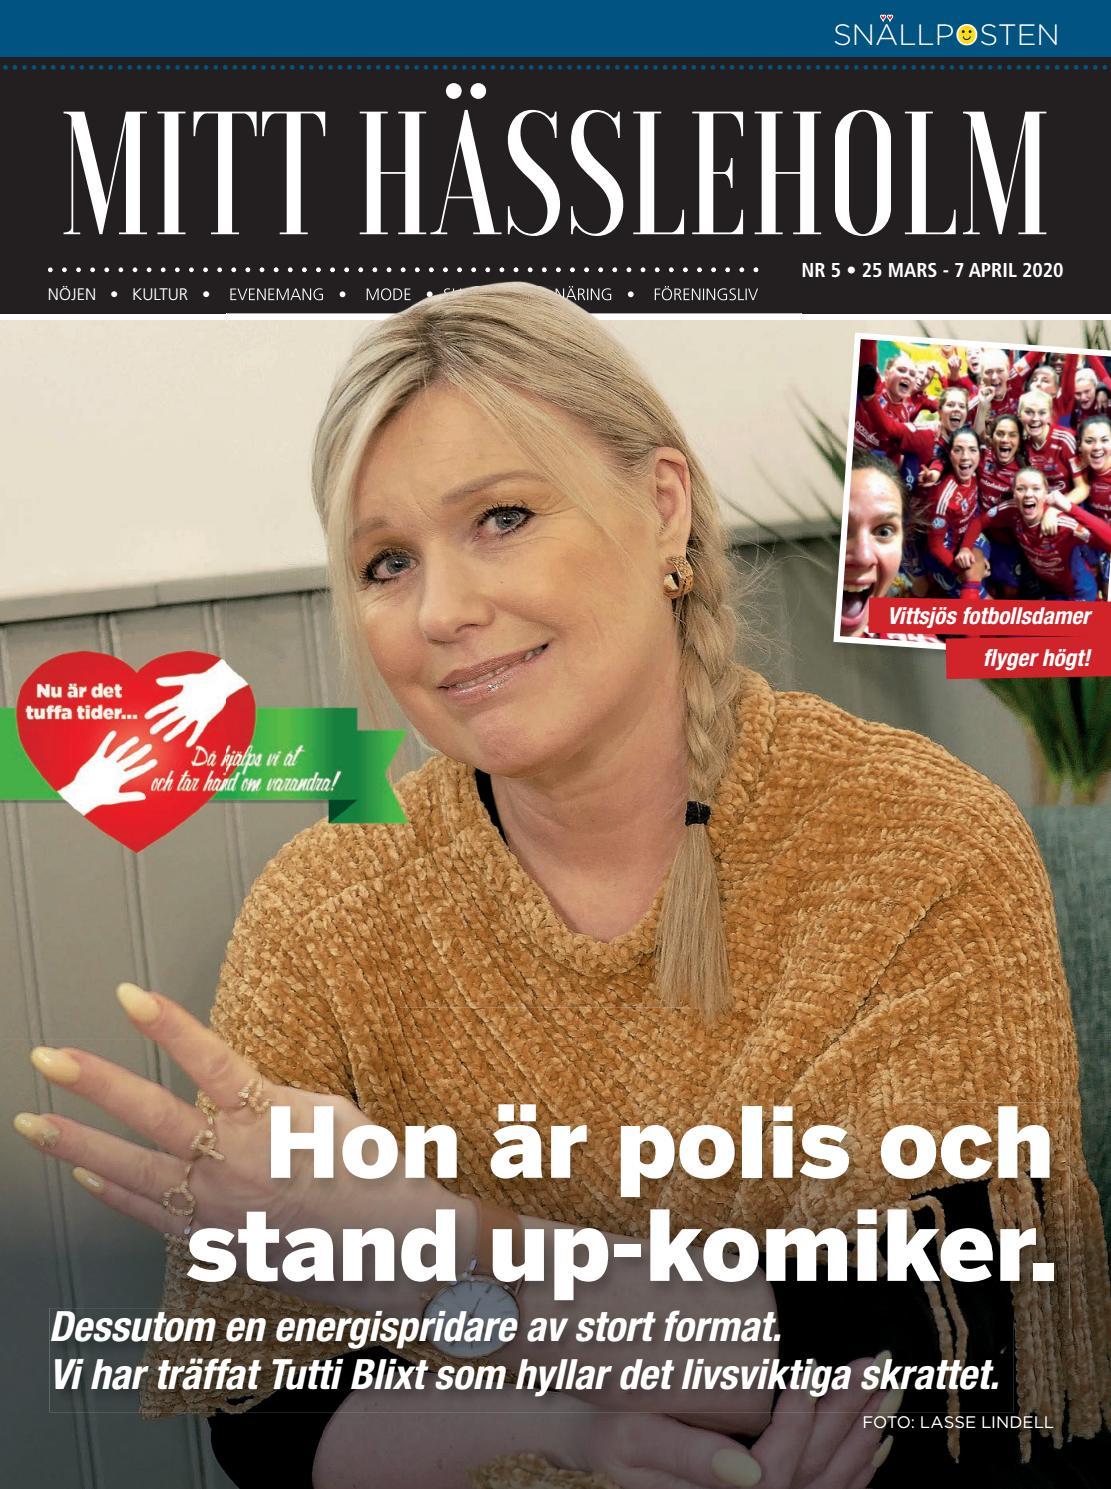 norska tjejer söker män i hässleholm